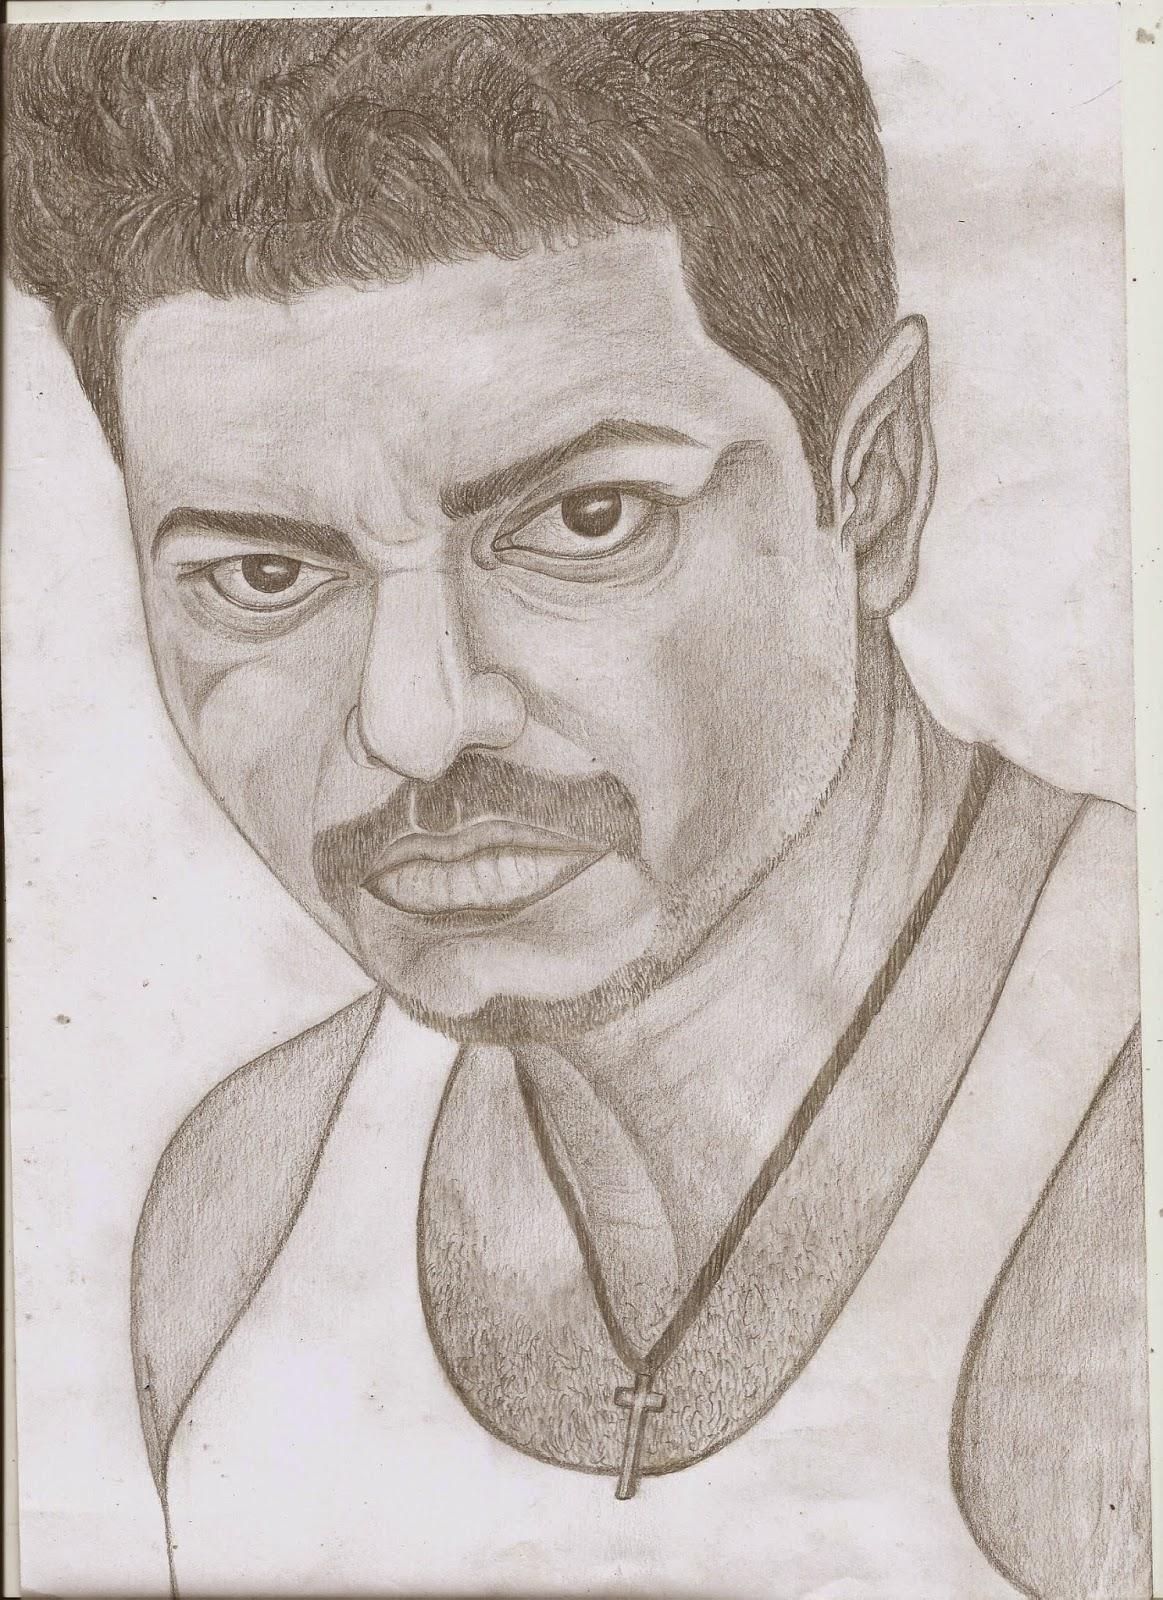 Jackhi pencil drawing vijay pencil sketch